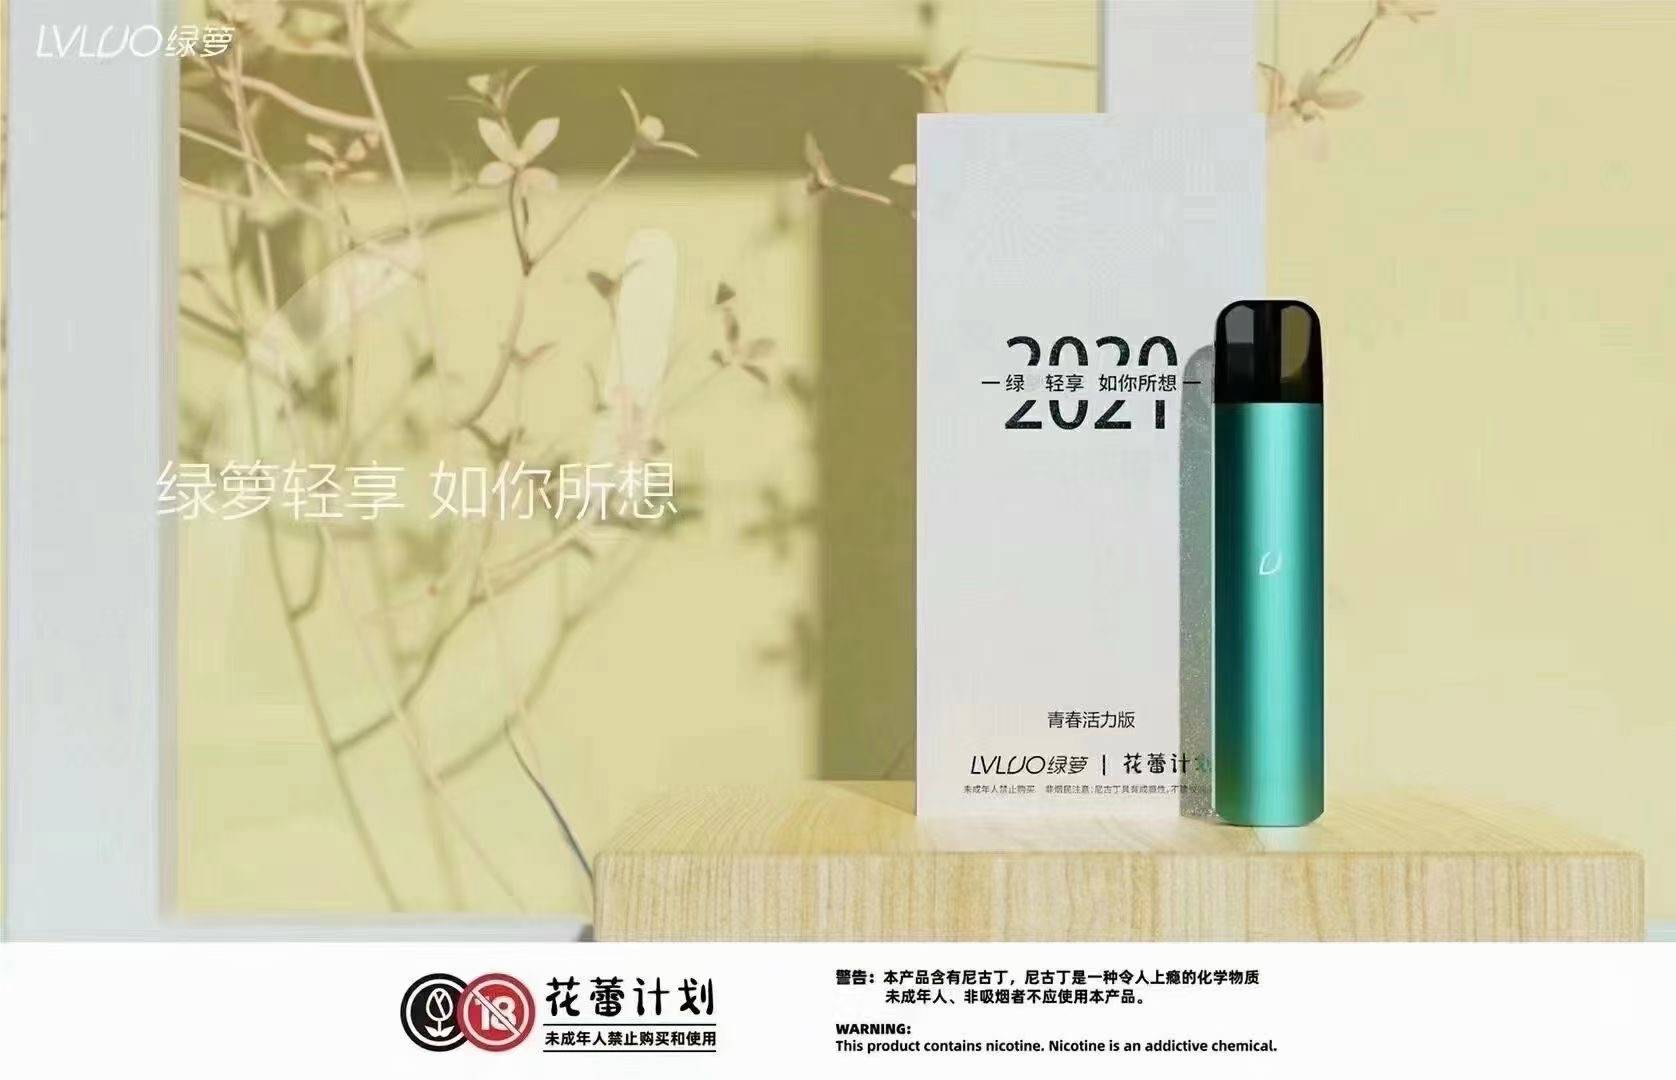 lvluo绿箩官方小箩售价是多少_小箩电子烟多少钱?